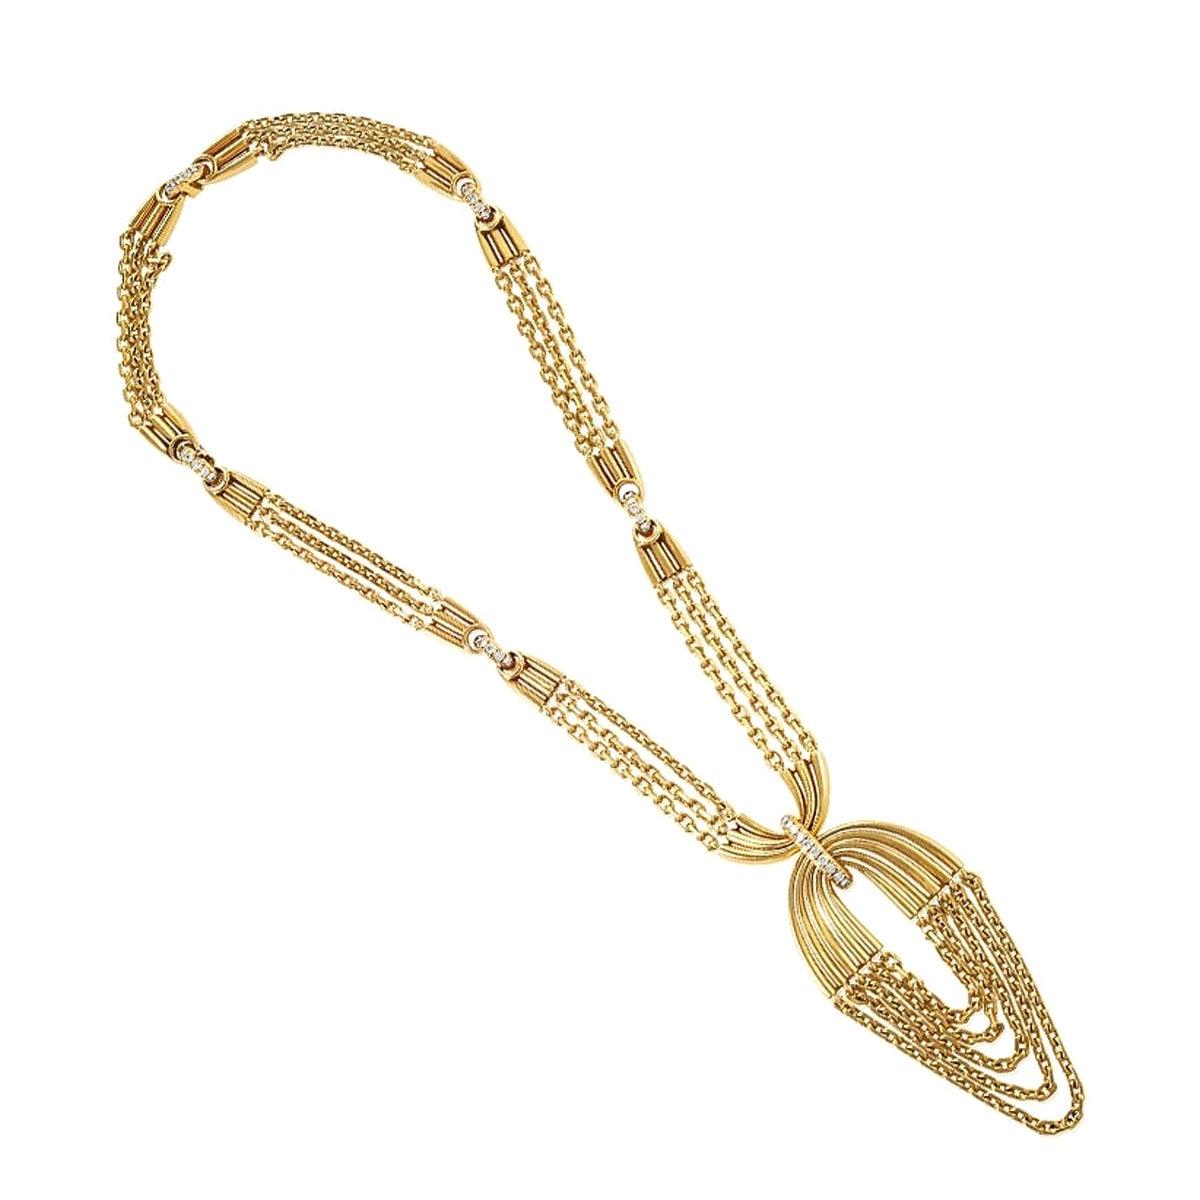 Van Cleef & Arpels Gold Pendant Necklace